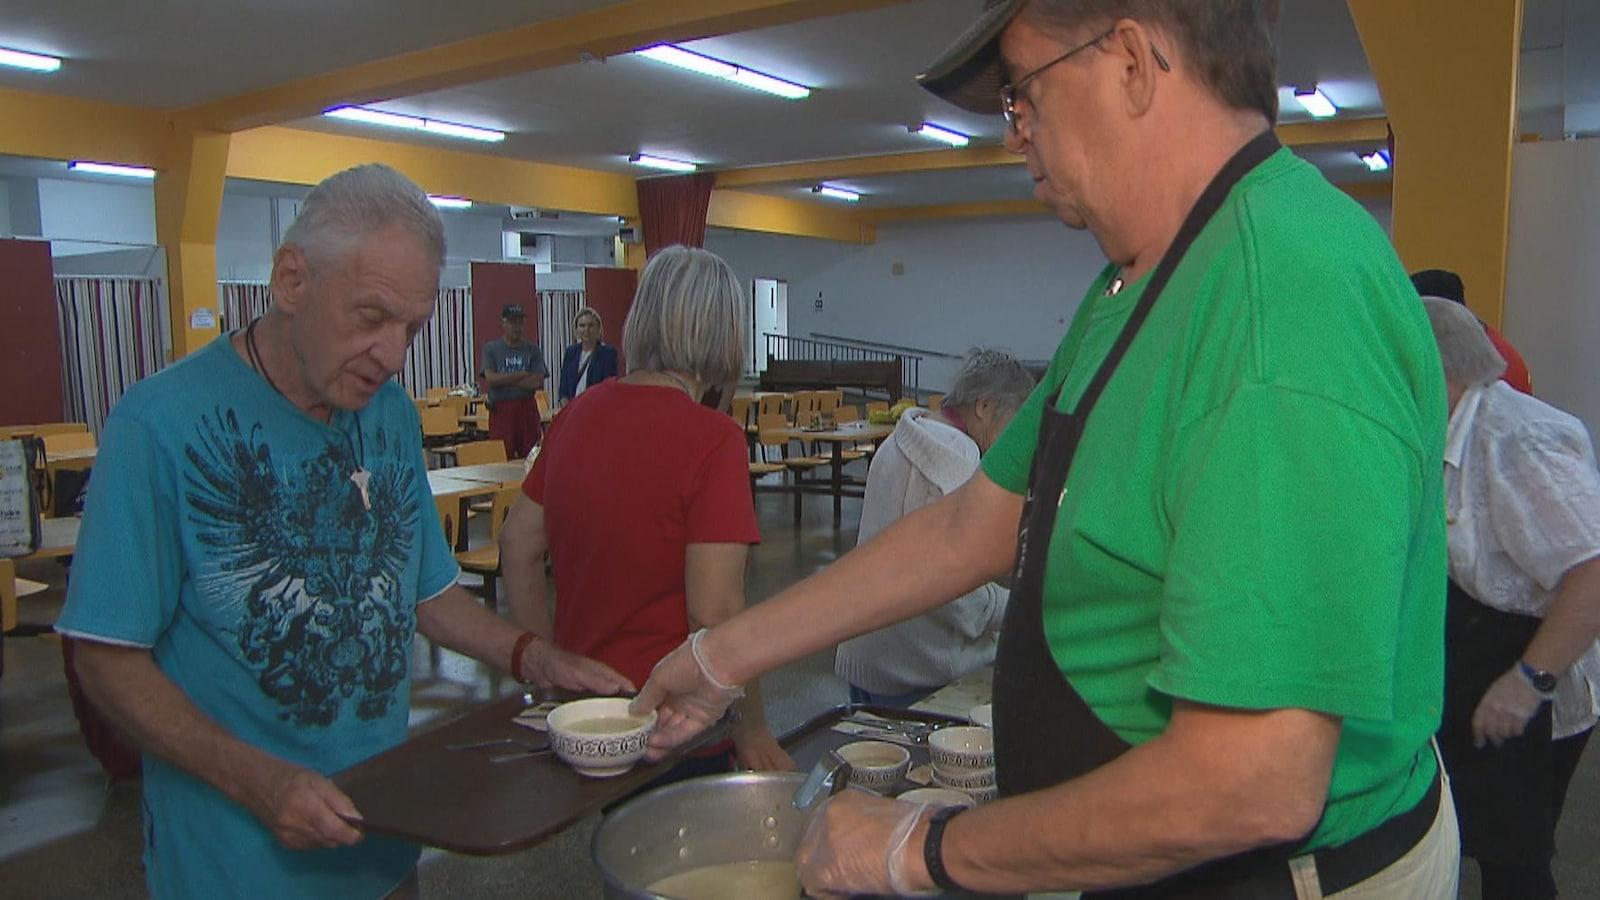 Un bénévole de la Tablée des nôtres sert un bol de soupe à un bénéficiaire.